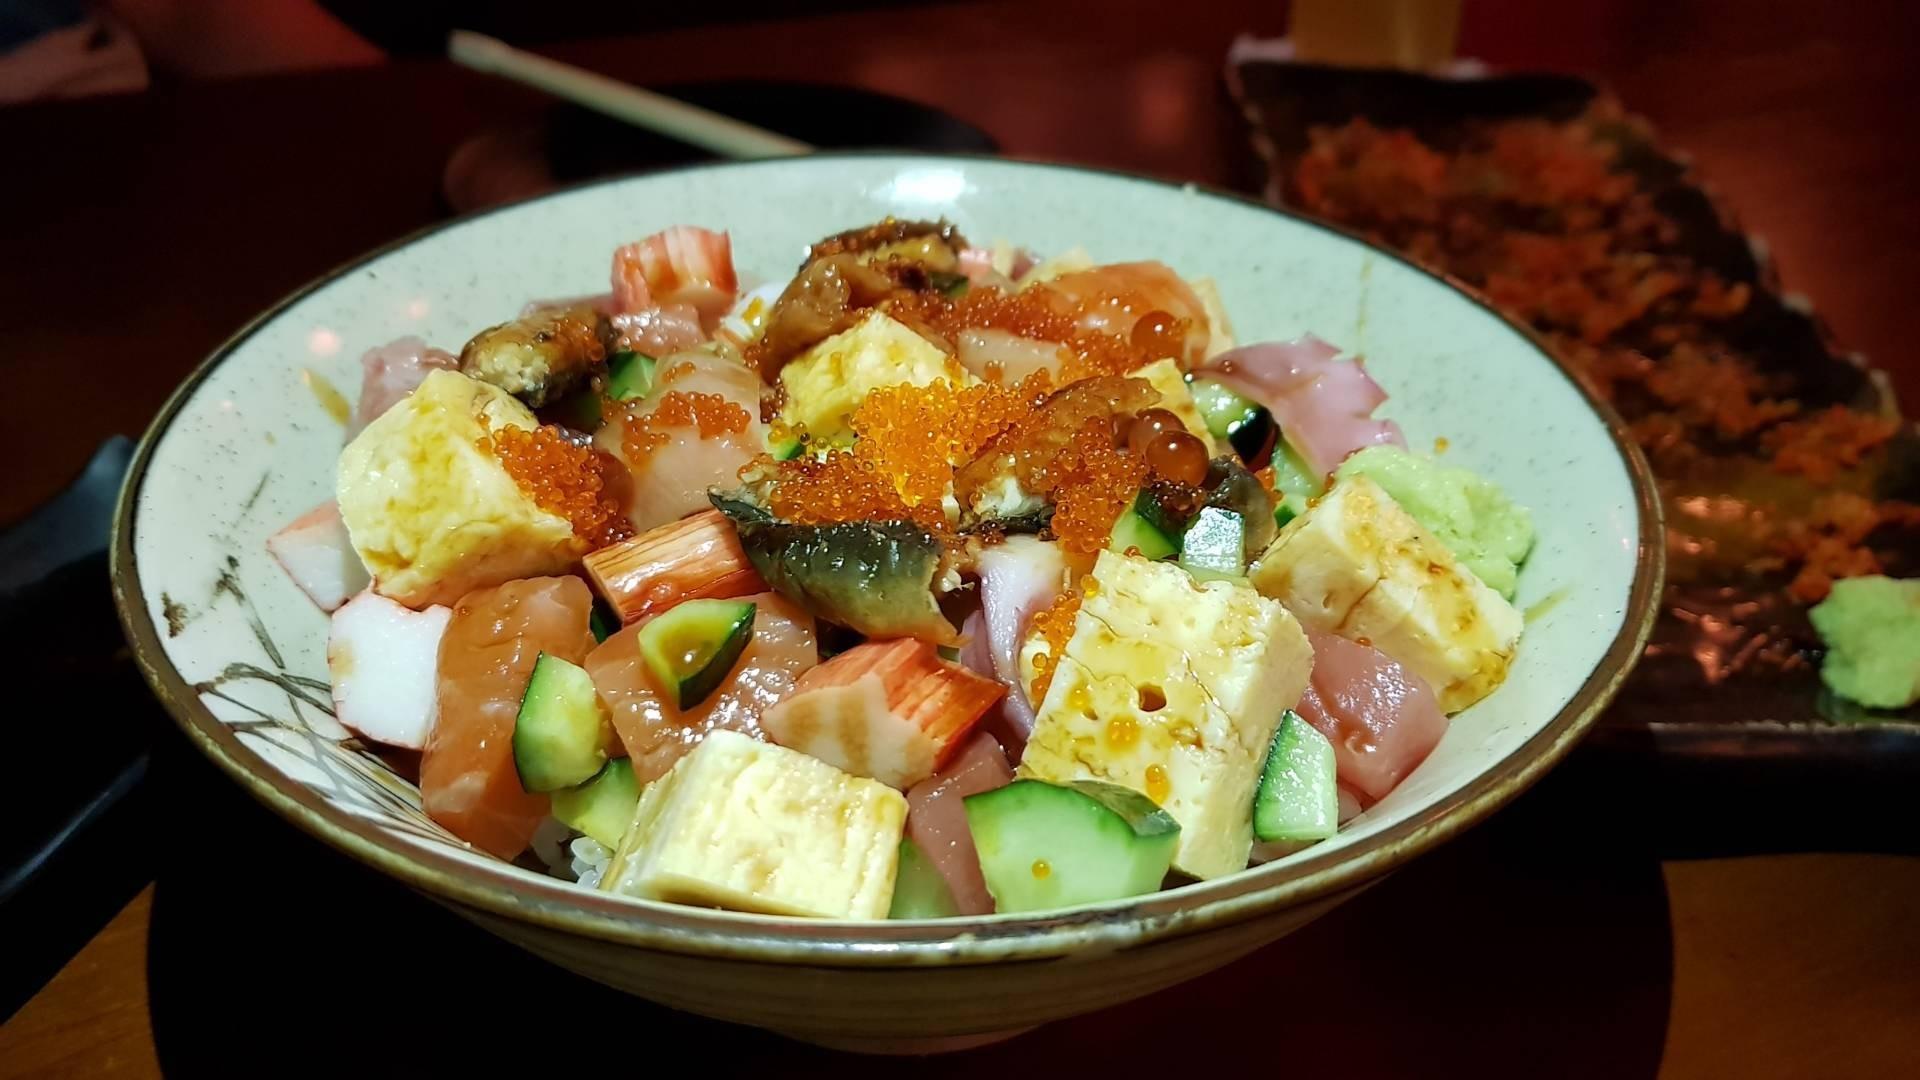 What The Fish Izakaya & Bar